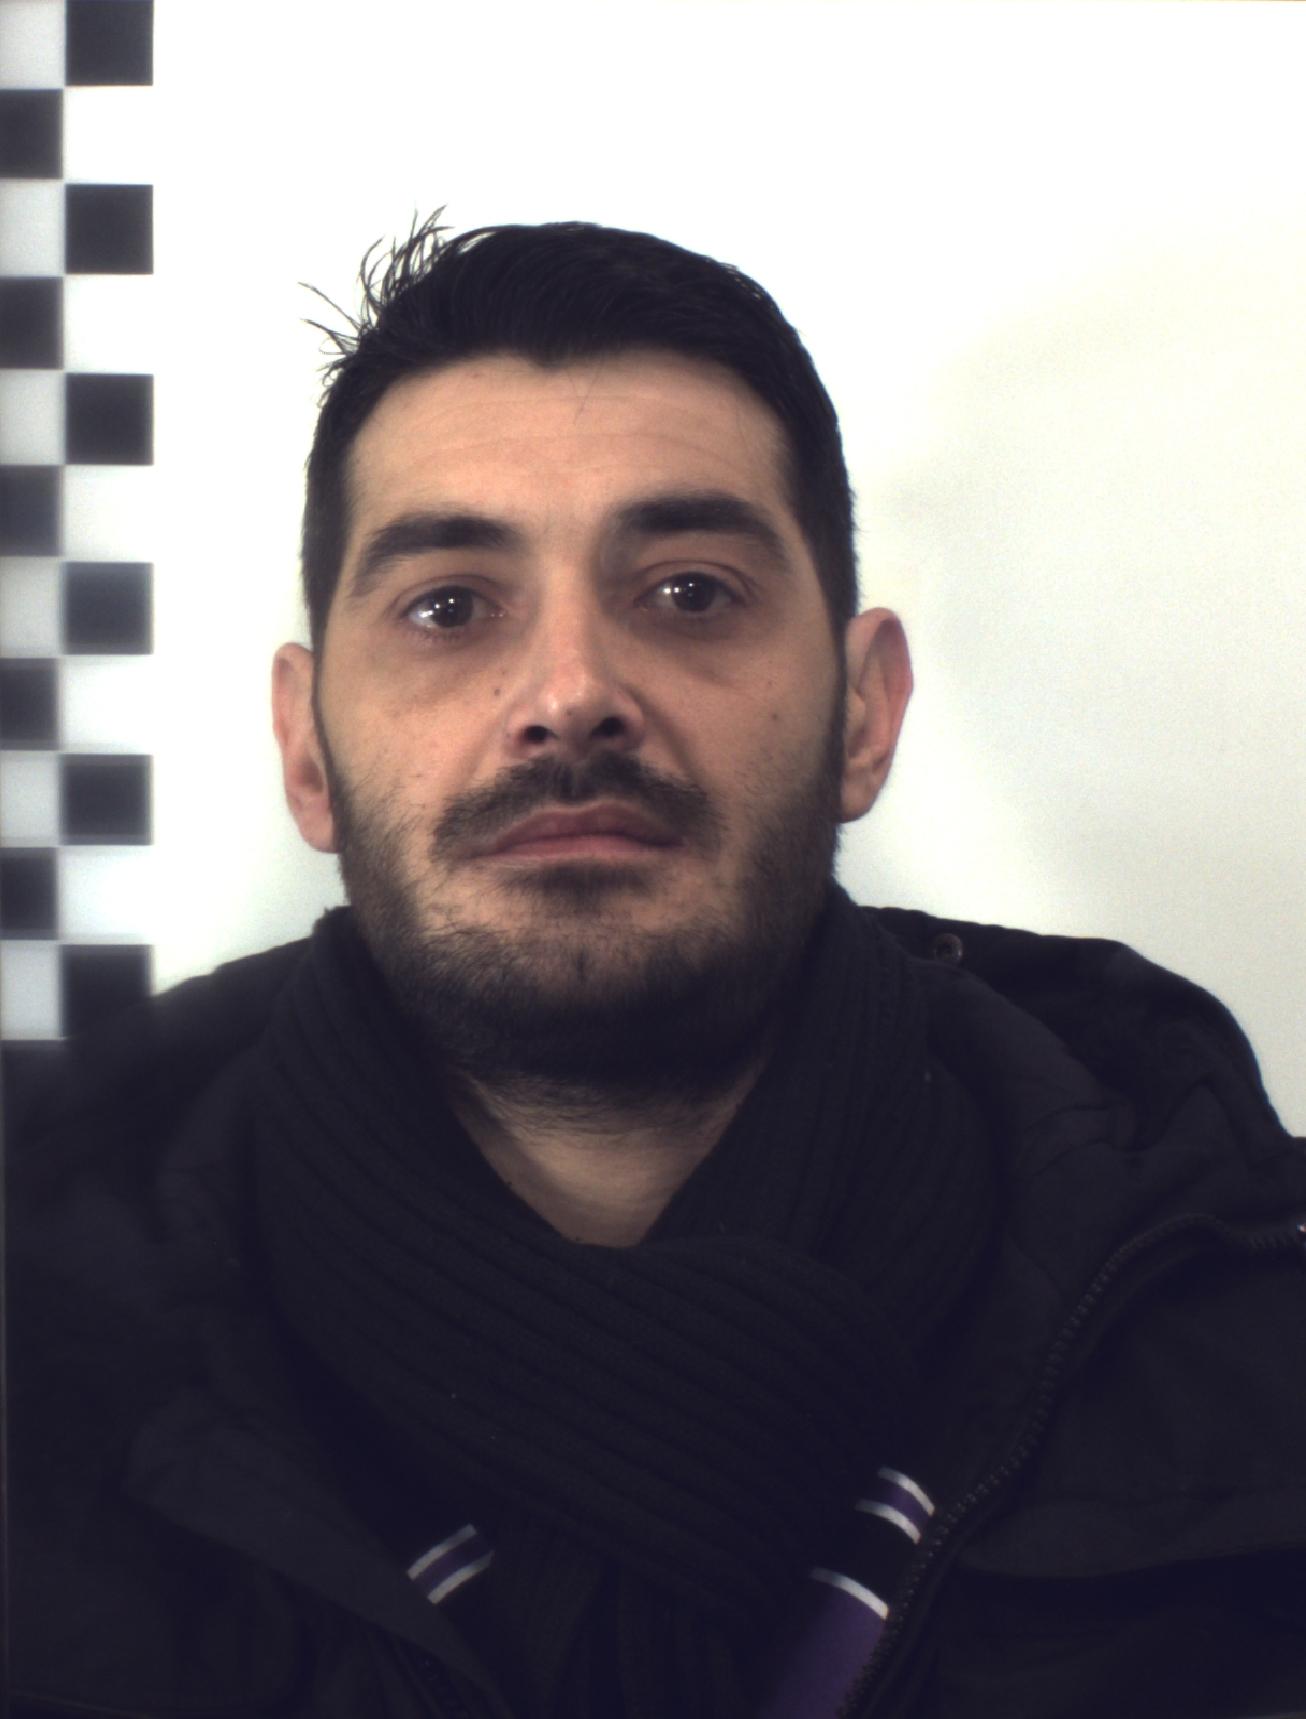 CALDERONE IGNAZIO